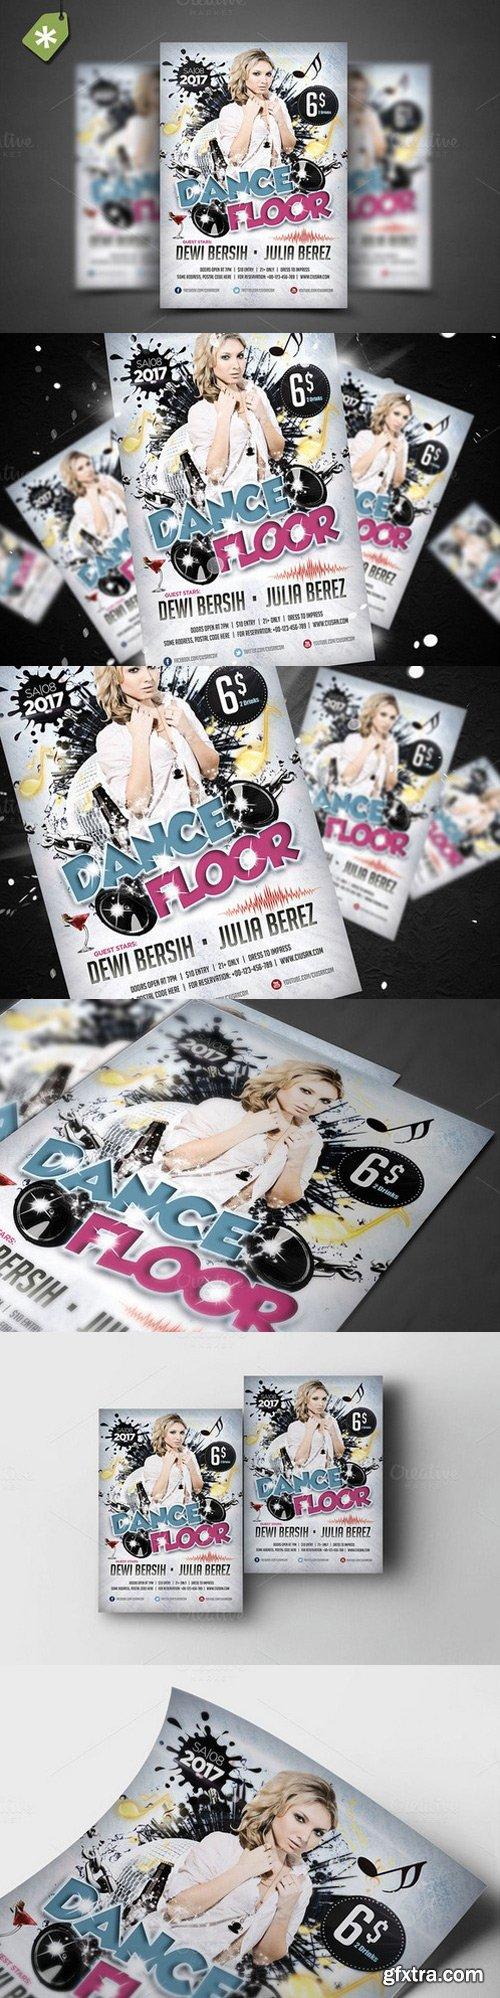 CM - Dance Floor Flyer Template 924157